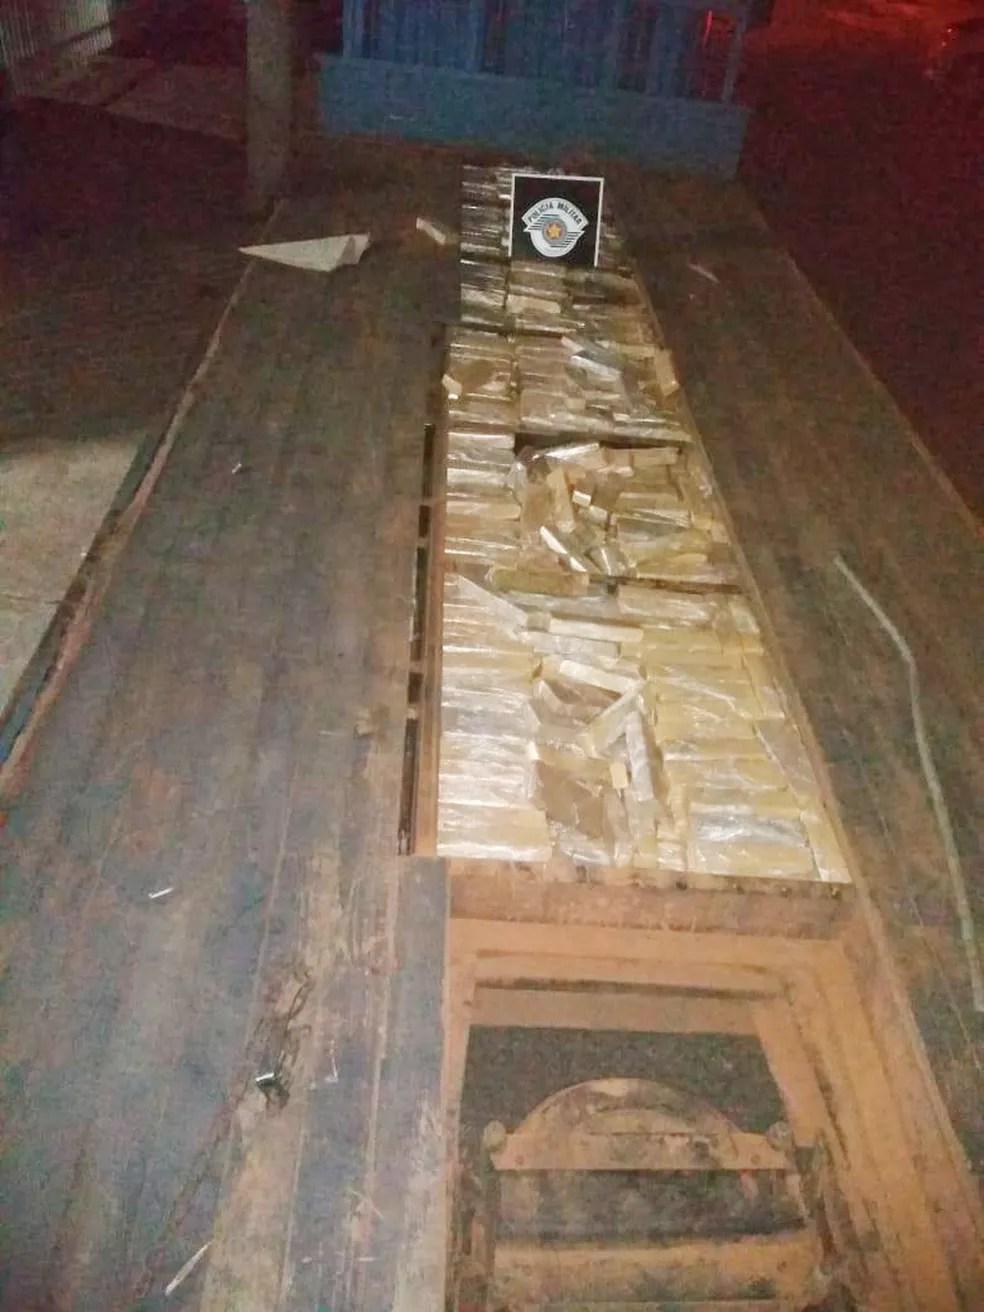 Quase 700kg de maconha foram apreendidos em Dracena — Foto: Polícia Militar